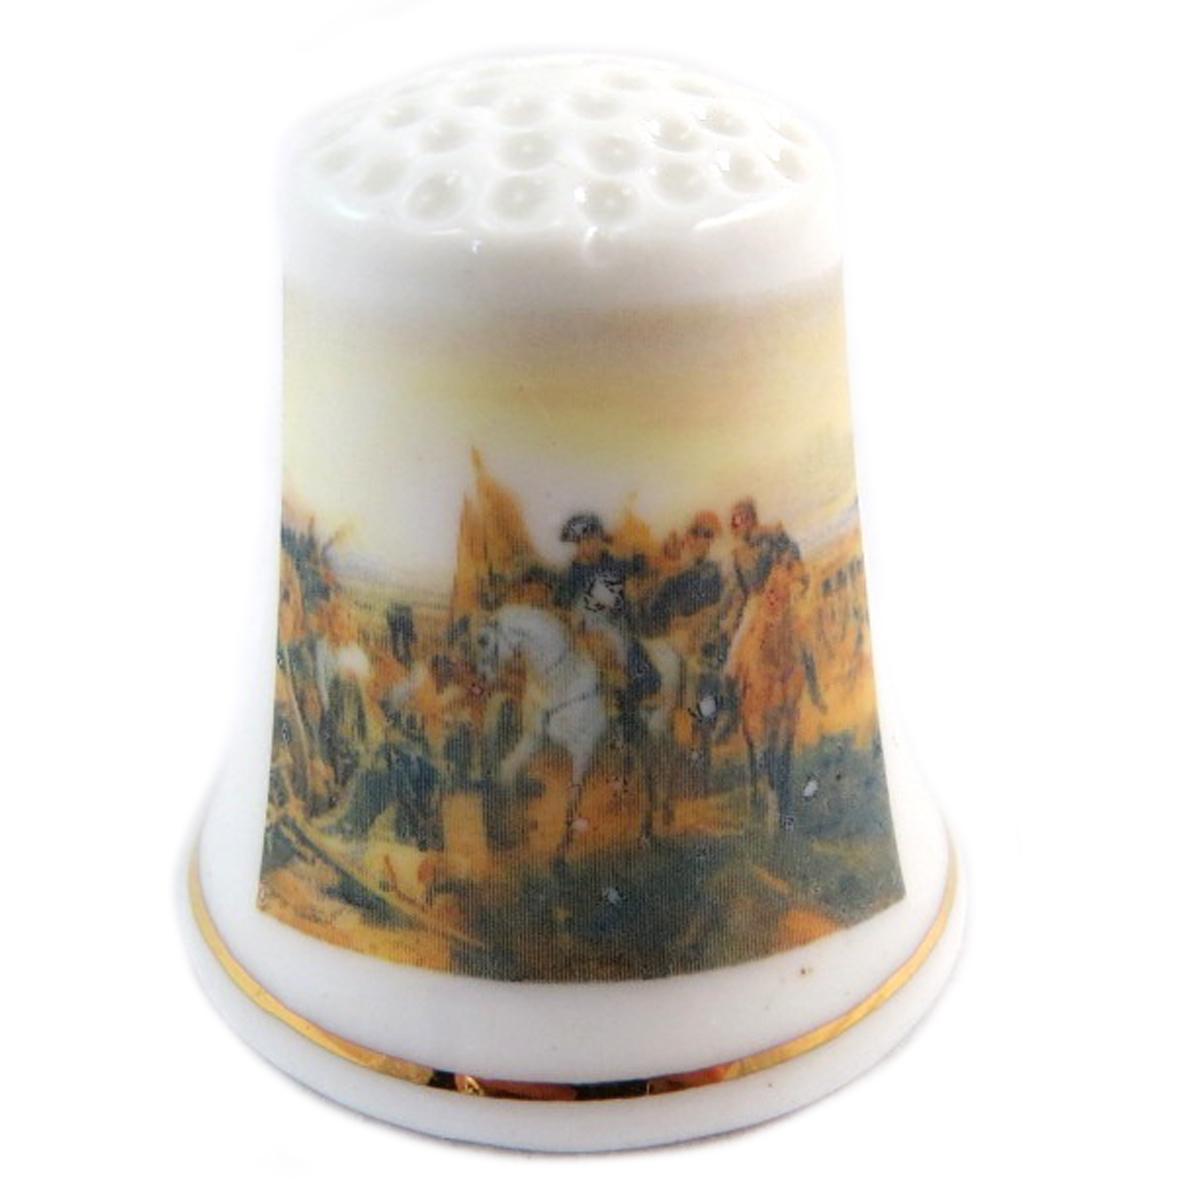 Dé à coudre \'Napoléon\' multicolore blanc (champ de bataille) - 27x23 mm - [Q7478]